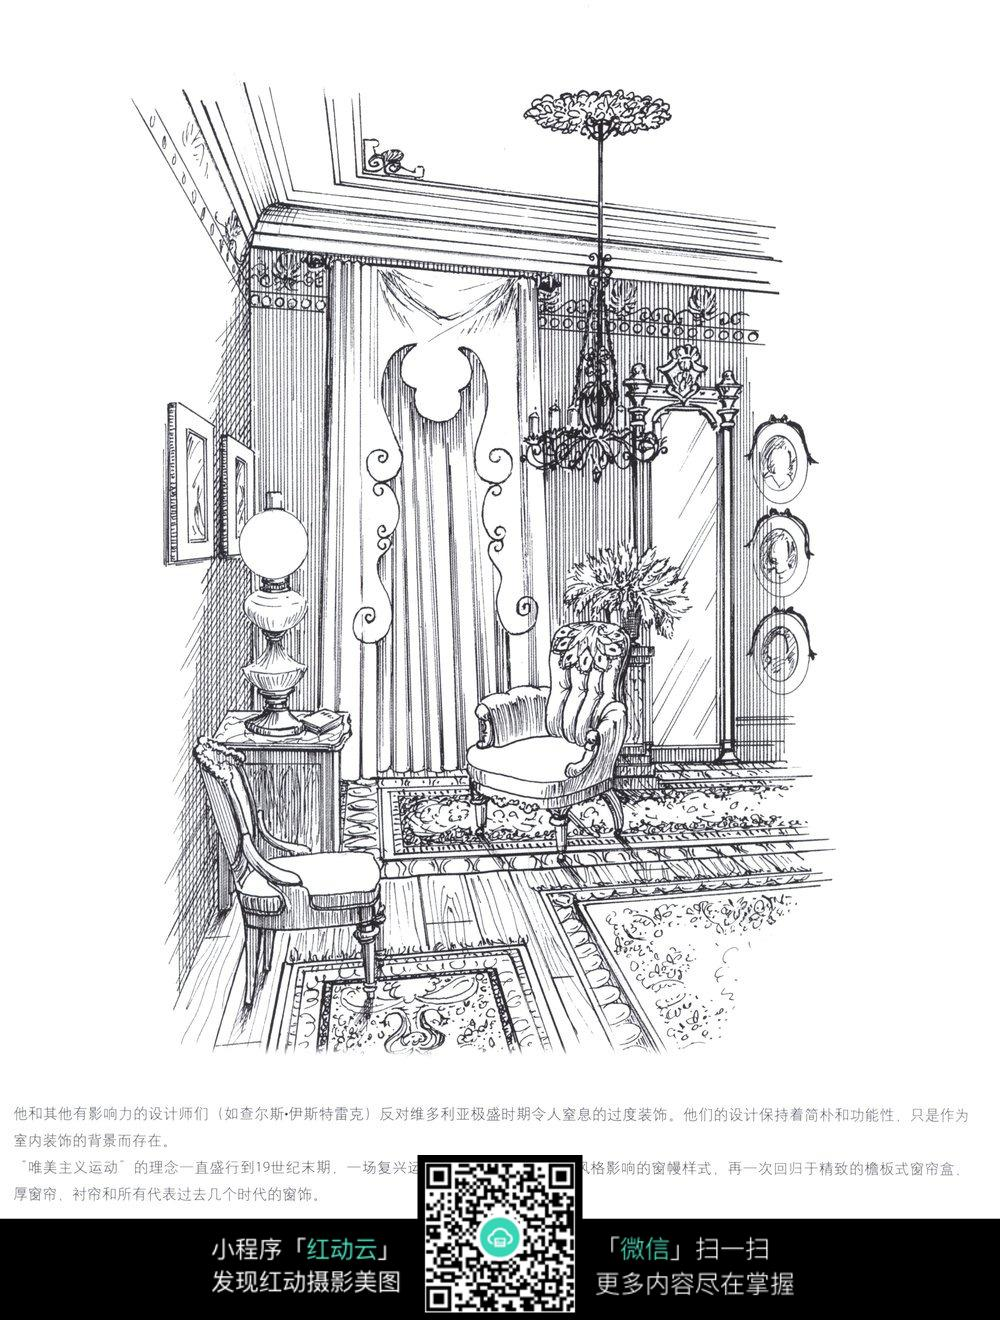 家电展示设计手绘